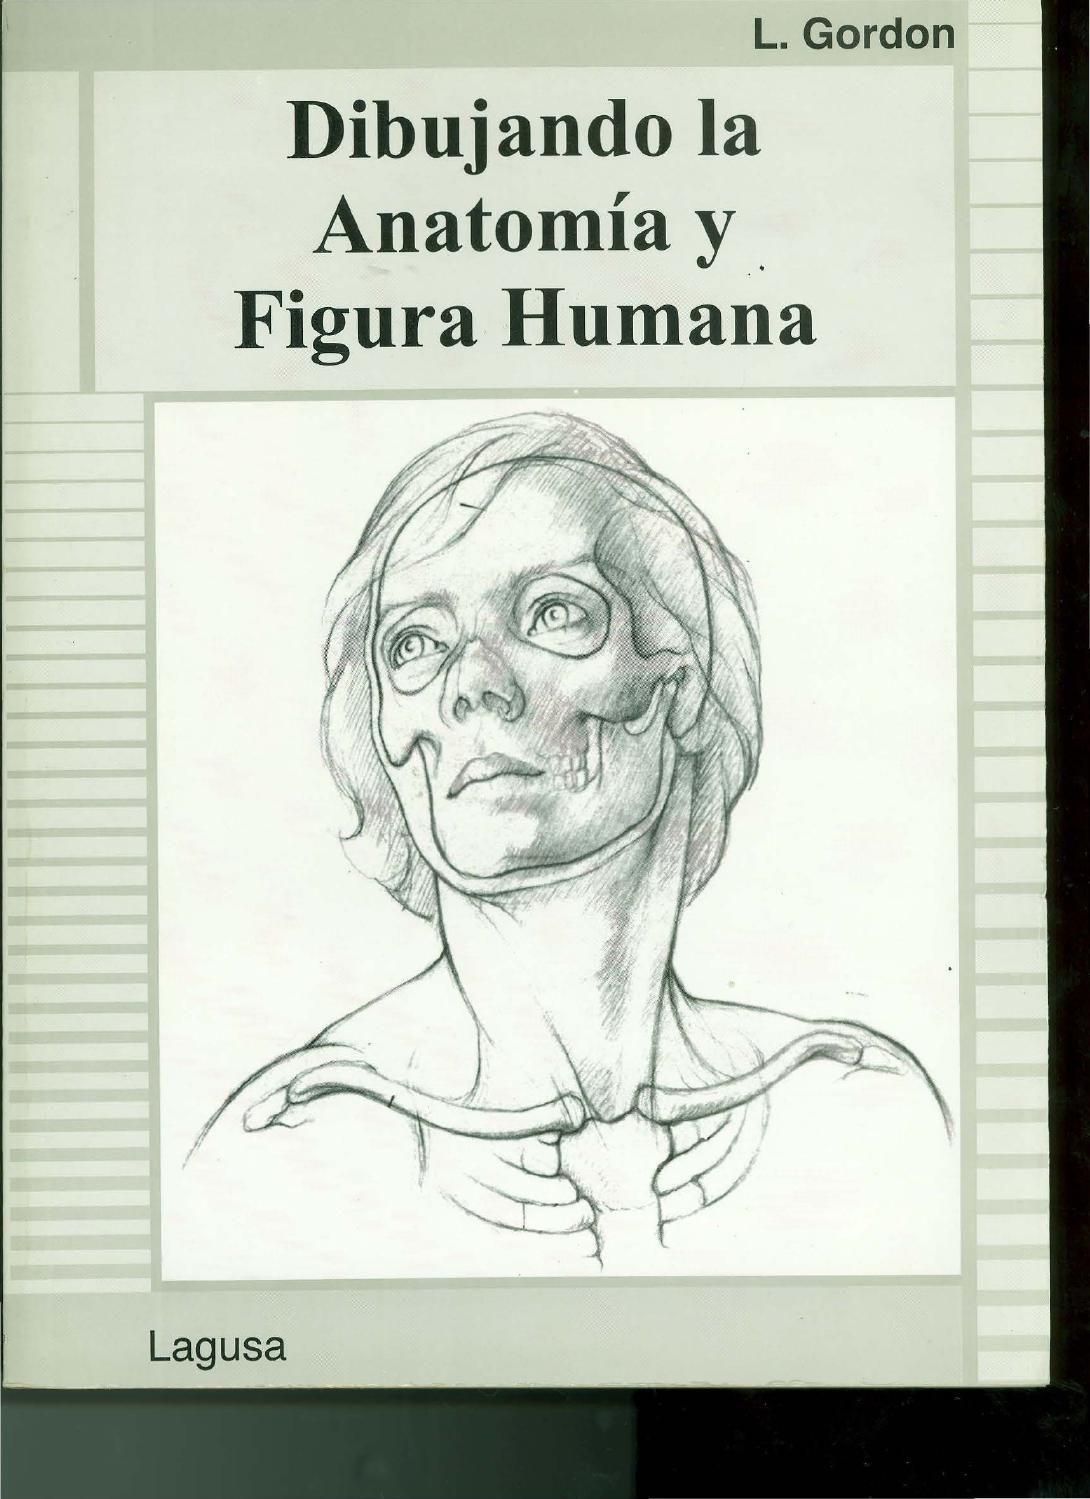 Dibujando la anatomia y figura humana | Figuras humanas, Anatomía y ...